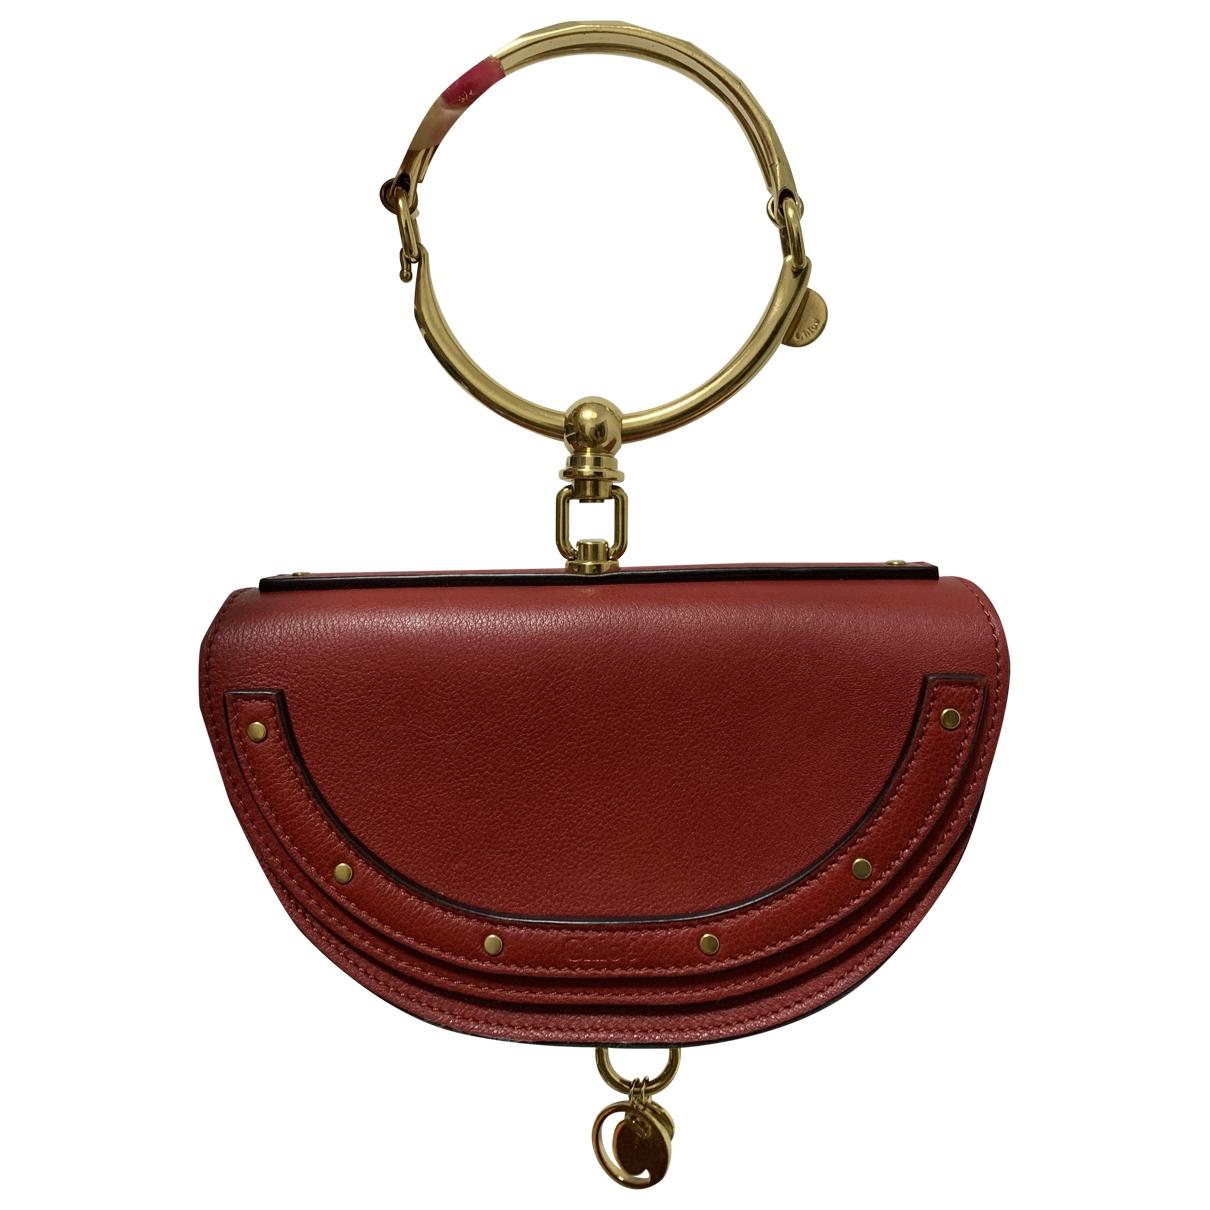 Chloé Bracelet Nile Red Leather handbag for Women \N